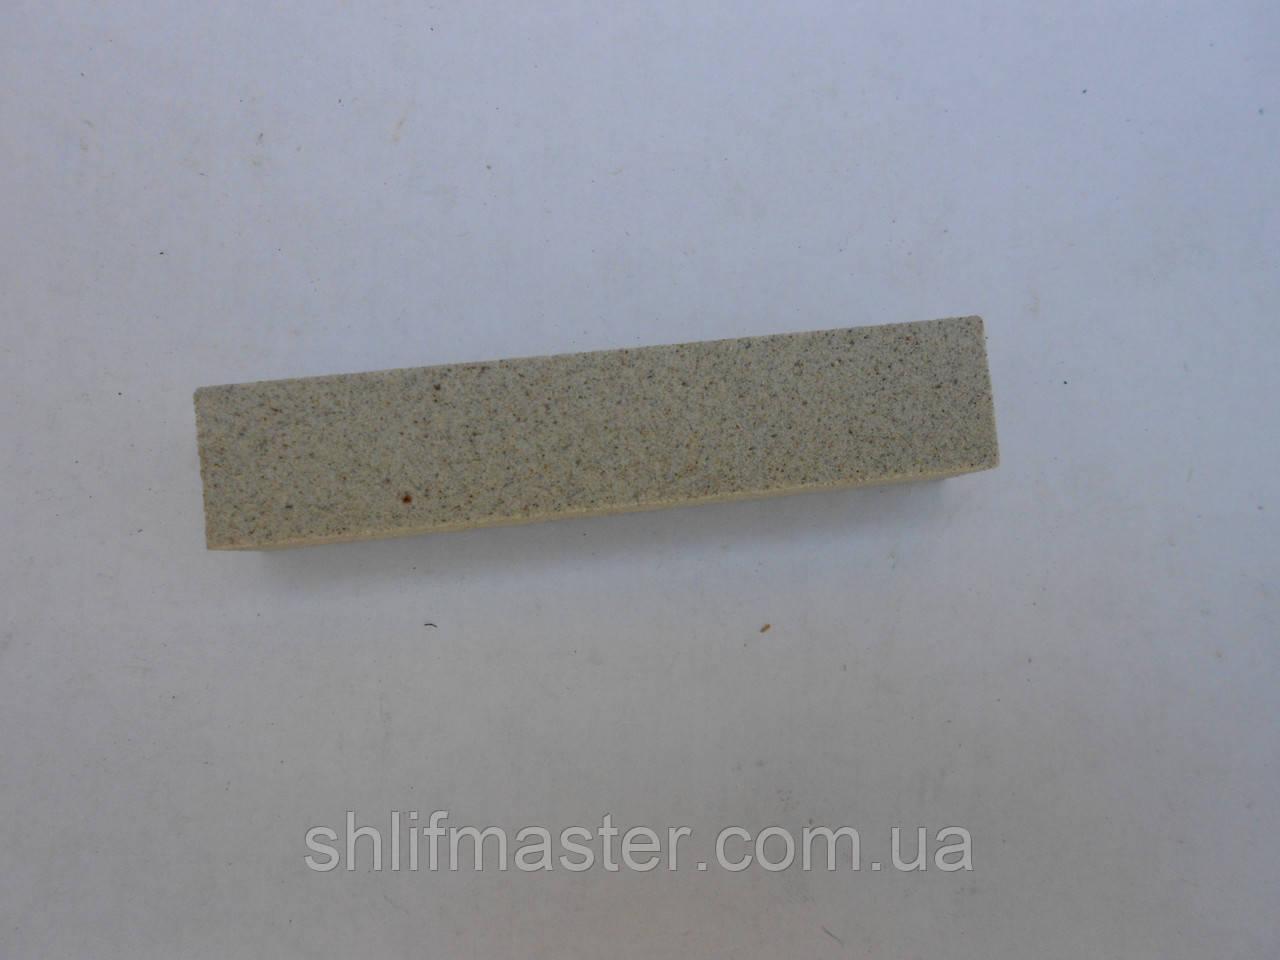 Брусок заточной абразивный 25А (электрокорунд белый) 120х25х8 6 СТ